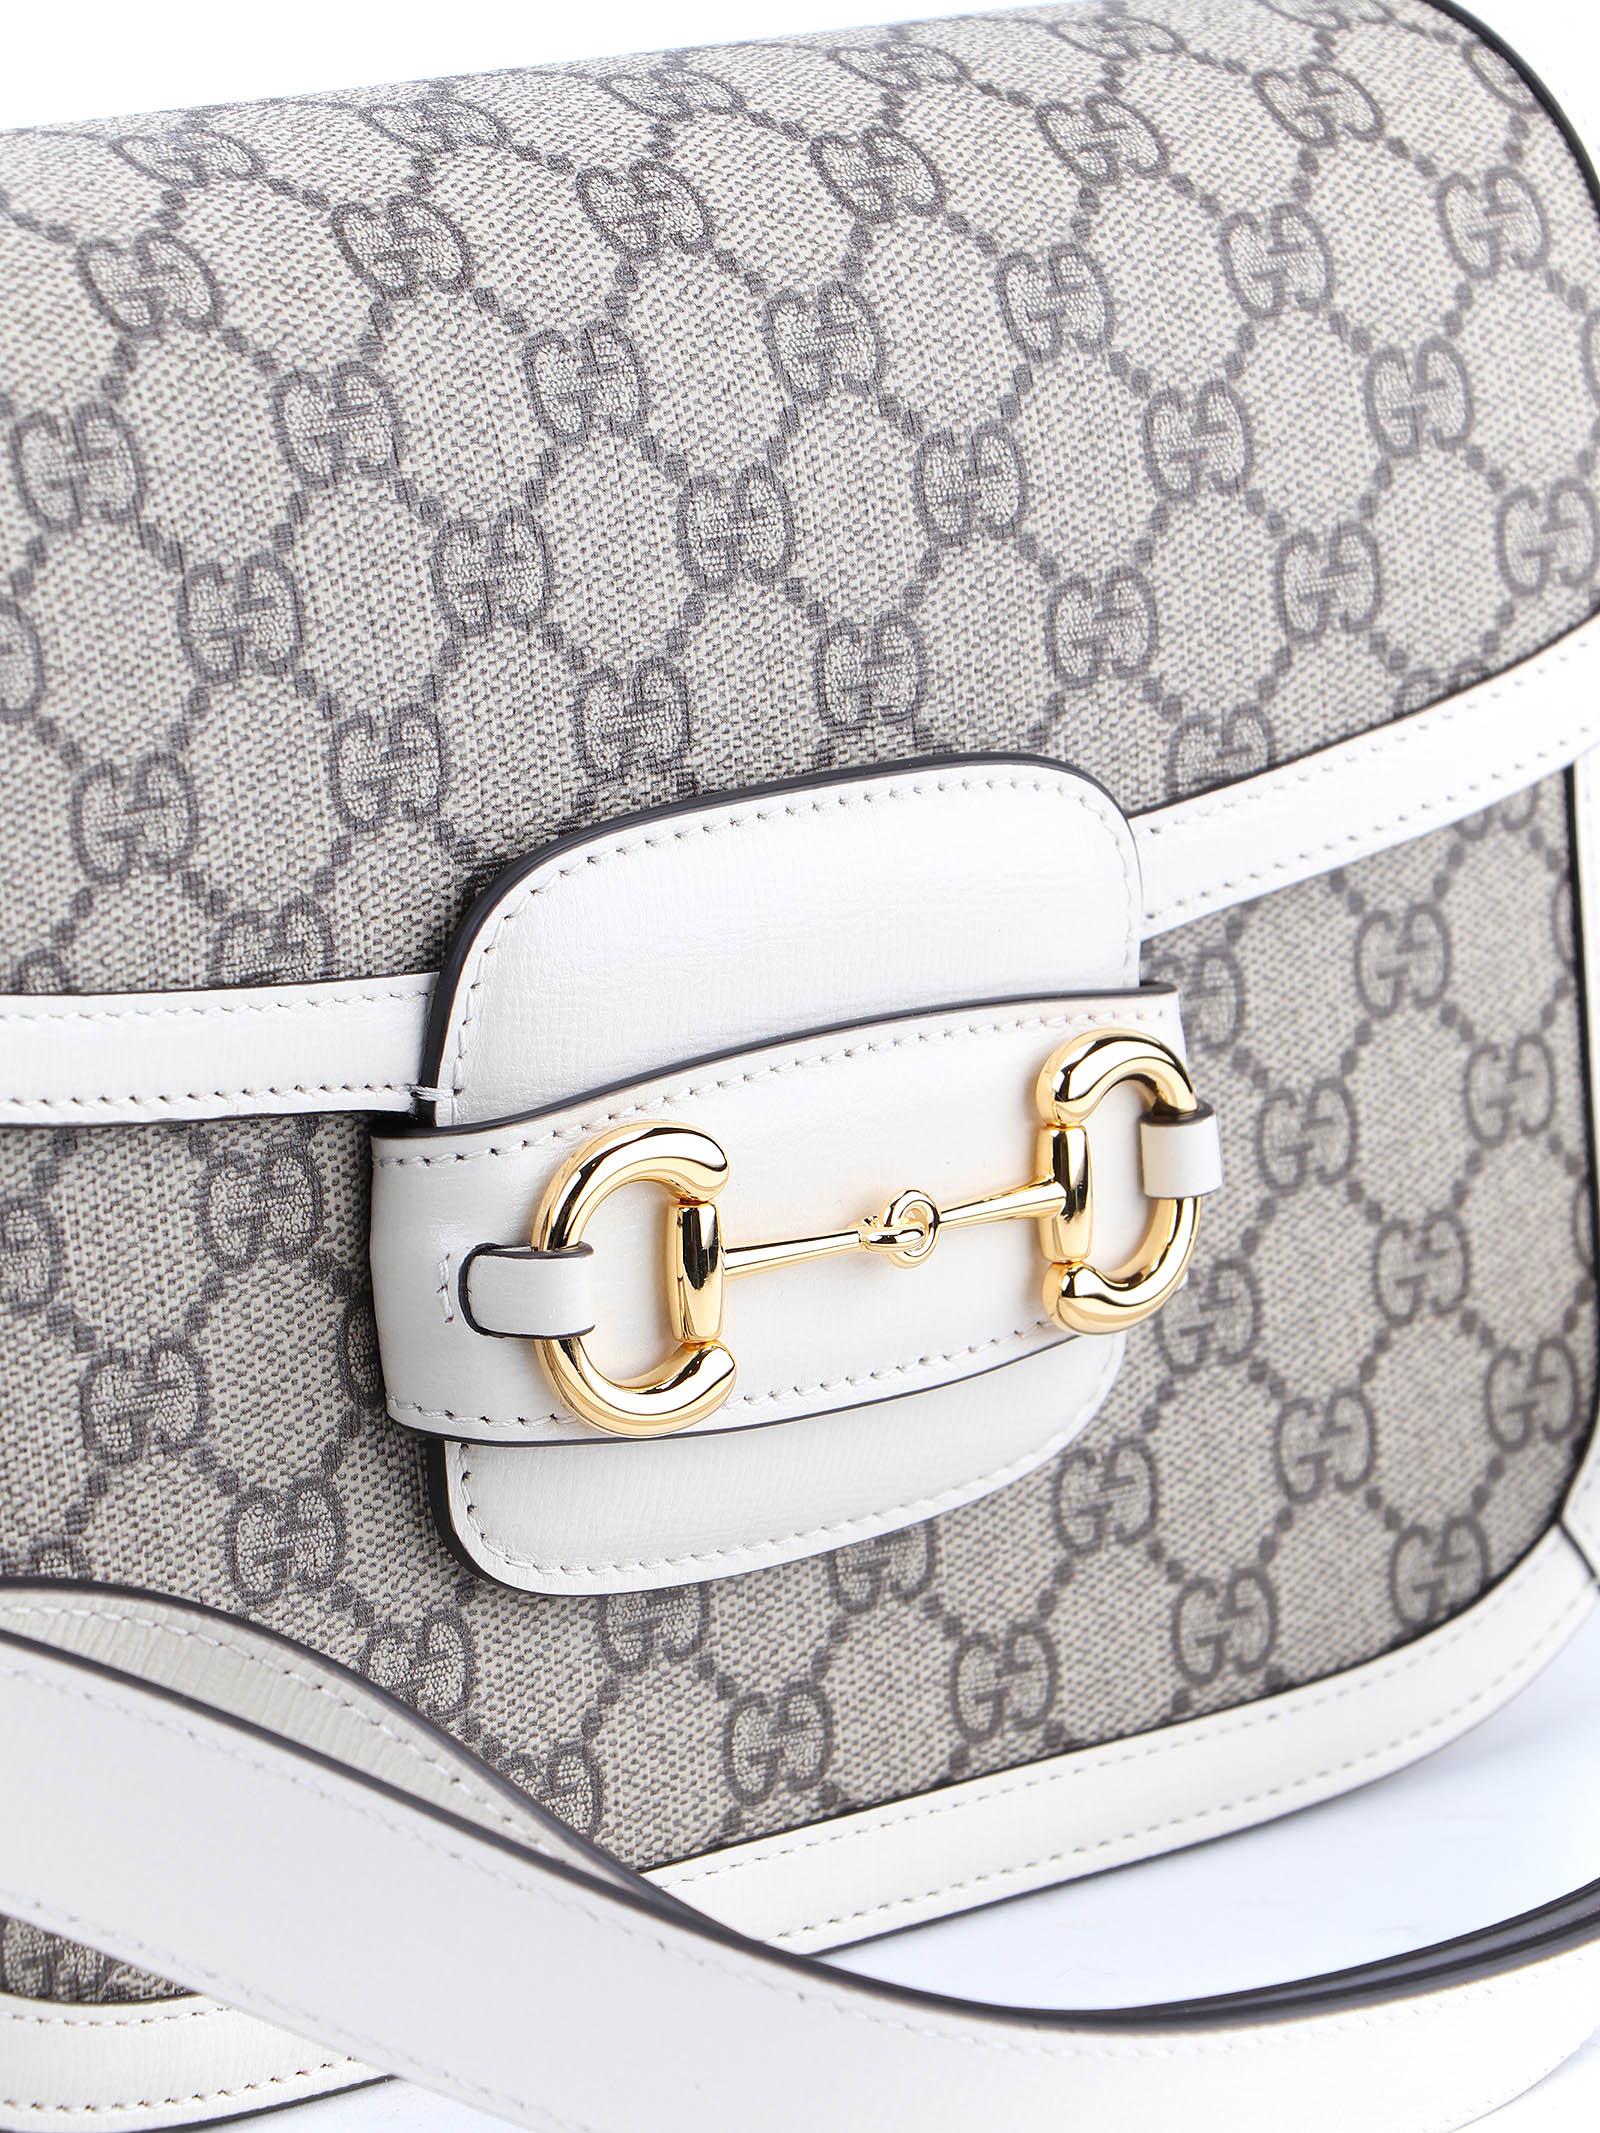 Picture of Gucci | 1955 Horsebit Bag